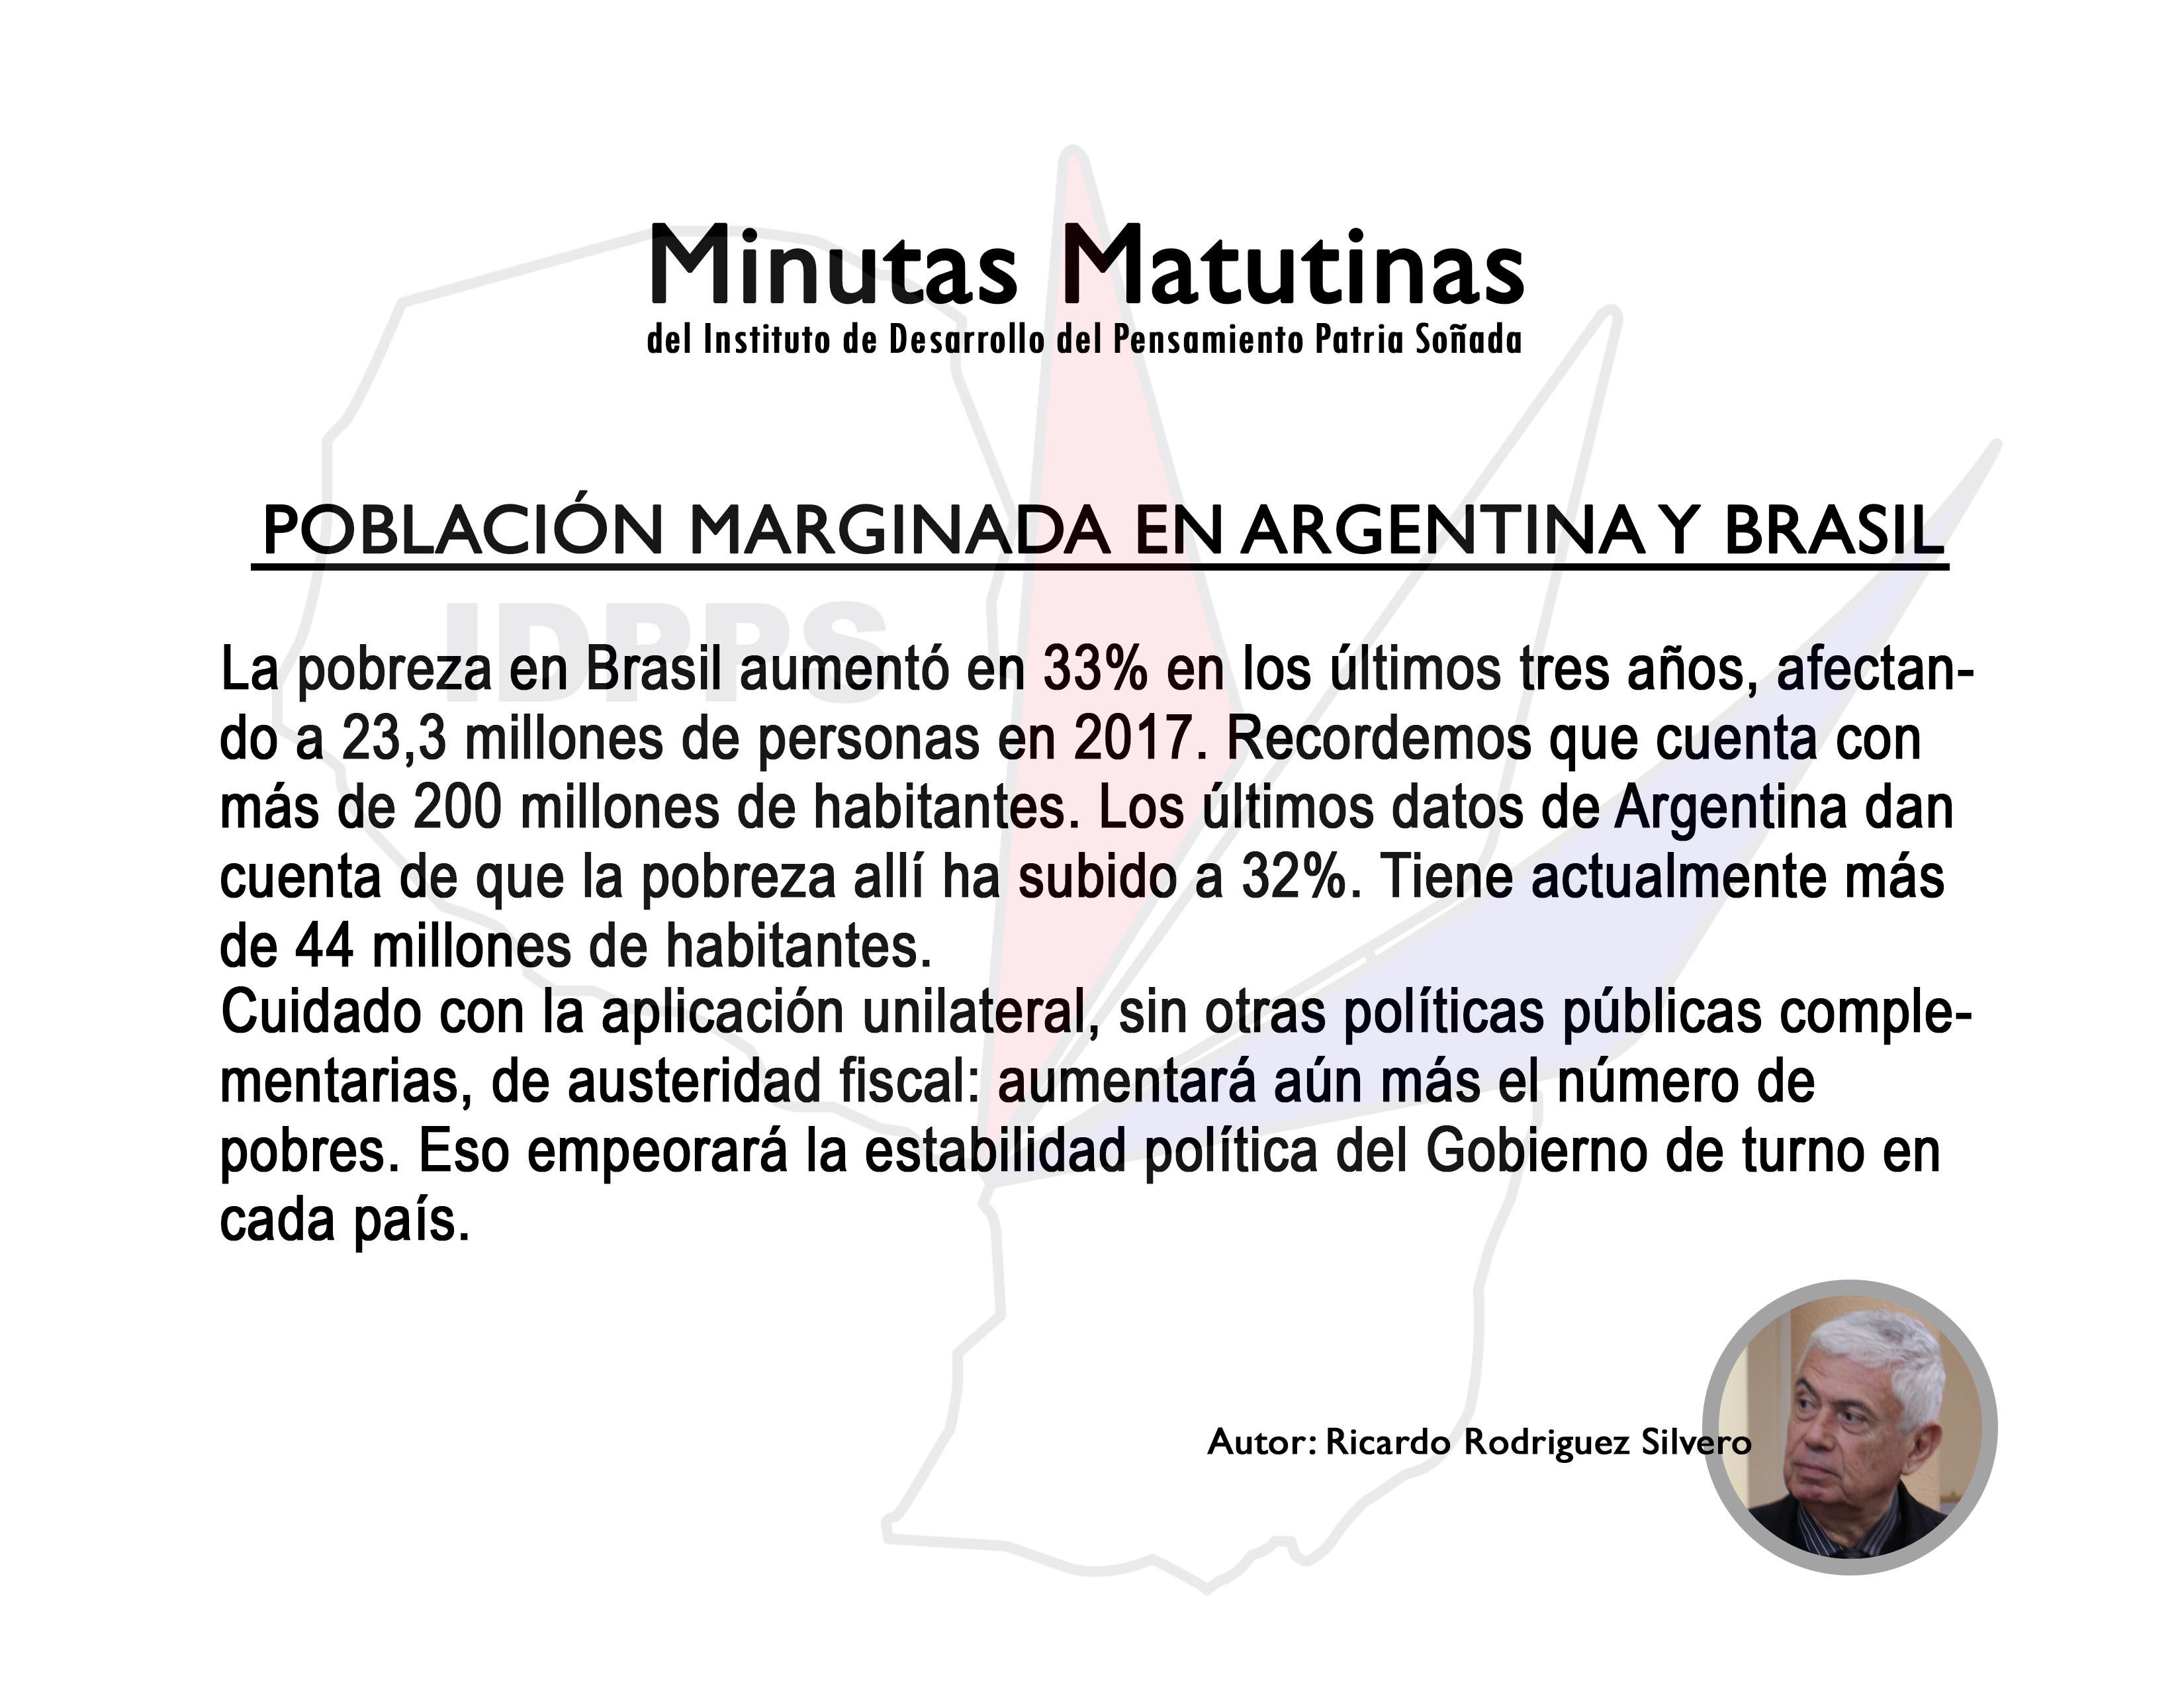 Población Marginada en Argentina y Brasil